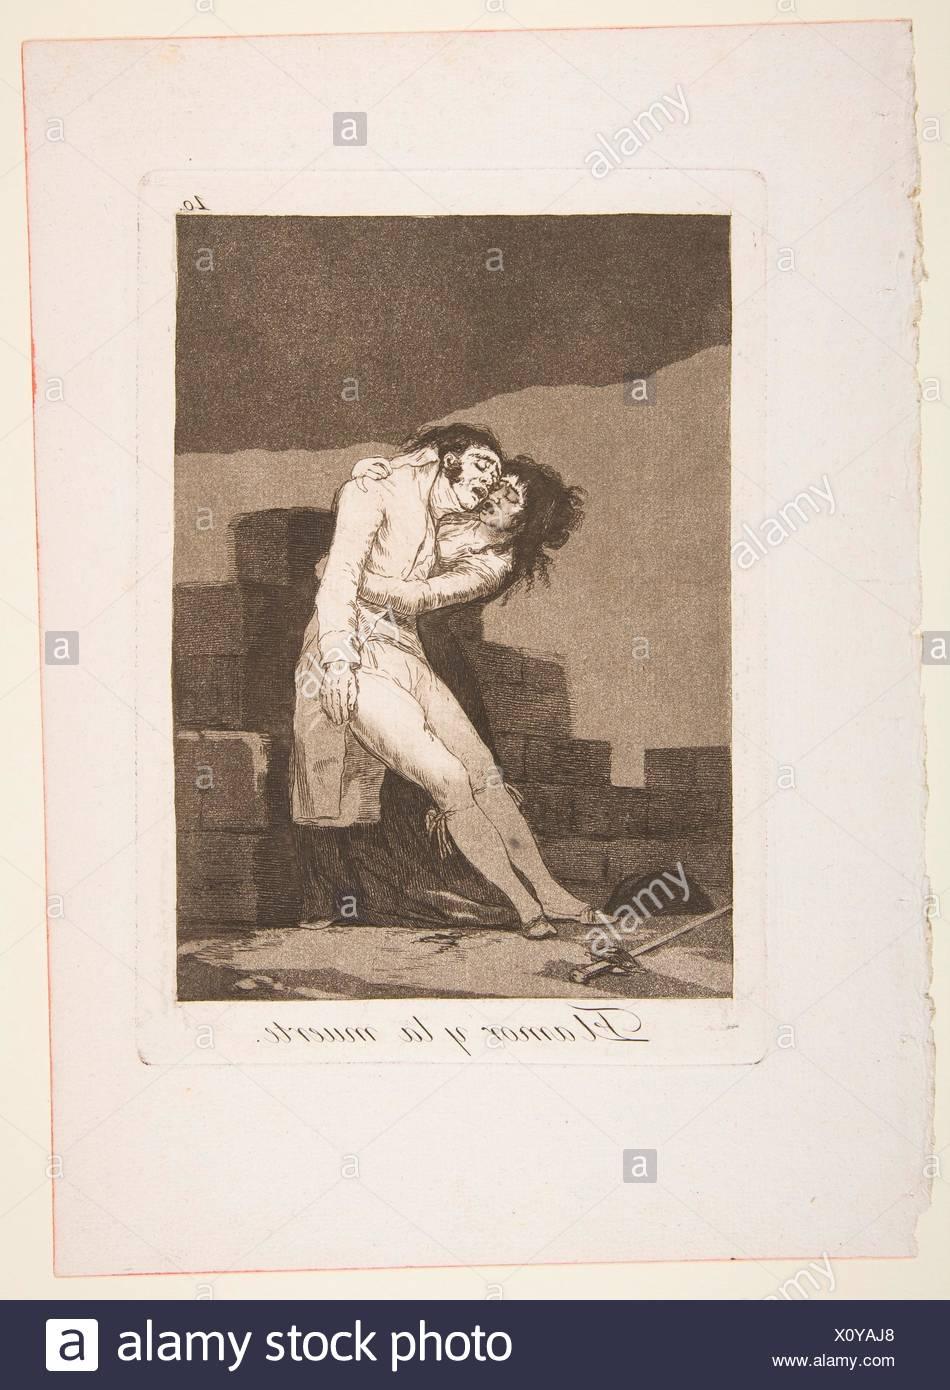 Placa a 10 de 'Los Caprichos': el amor y la muerte (El amor y la muerte). Series/cartera: Los Caprichos; Artista: Goya (Francisco de Goya y Lucientes) Imagen De Stock